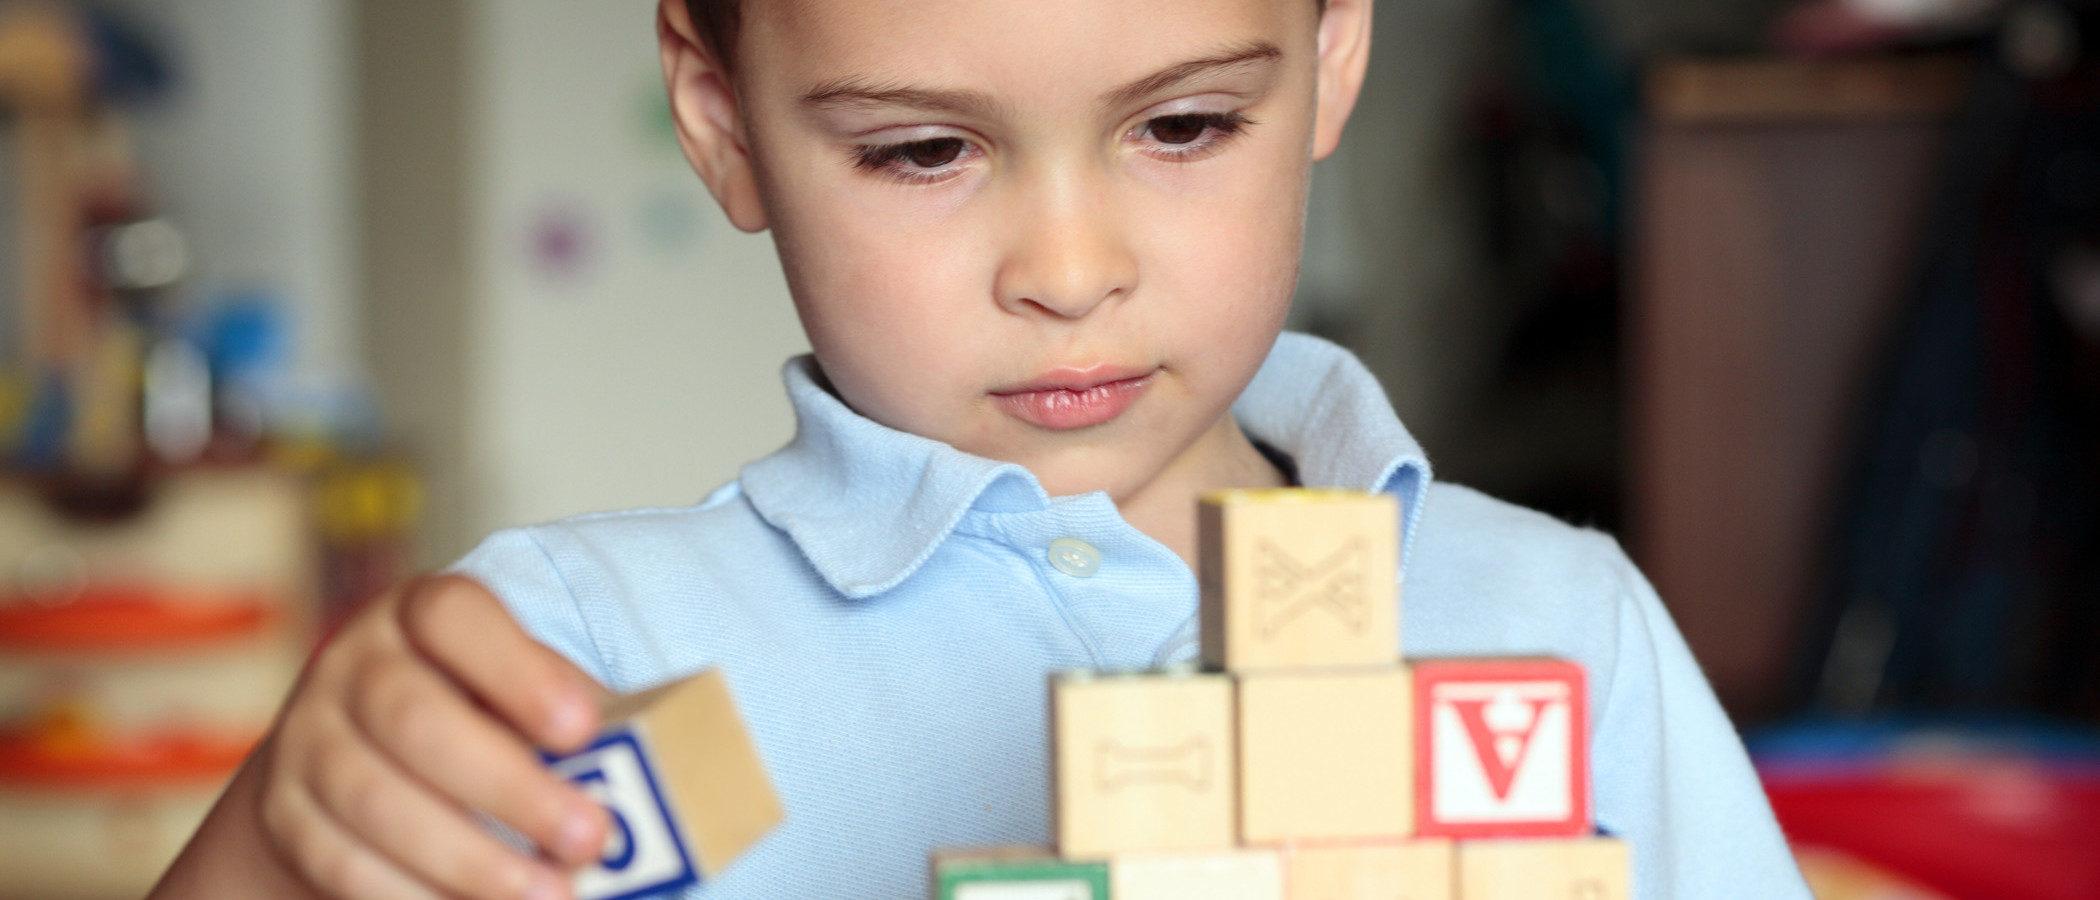 Cómo tratar a un niño autista